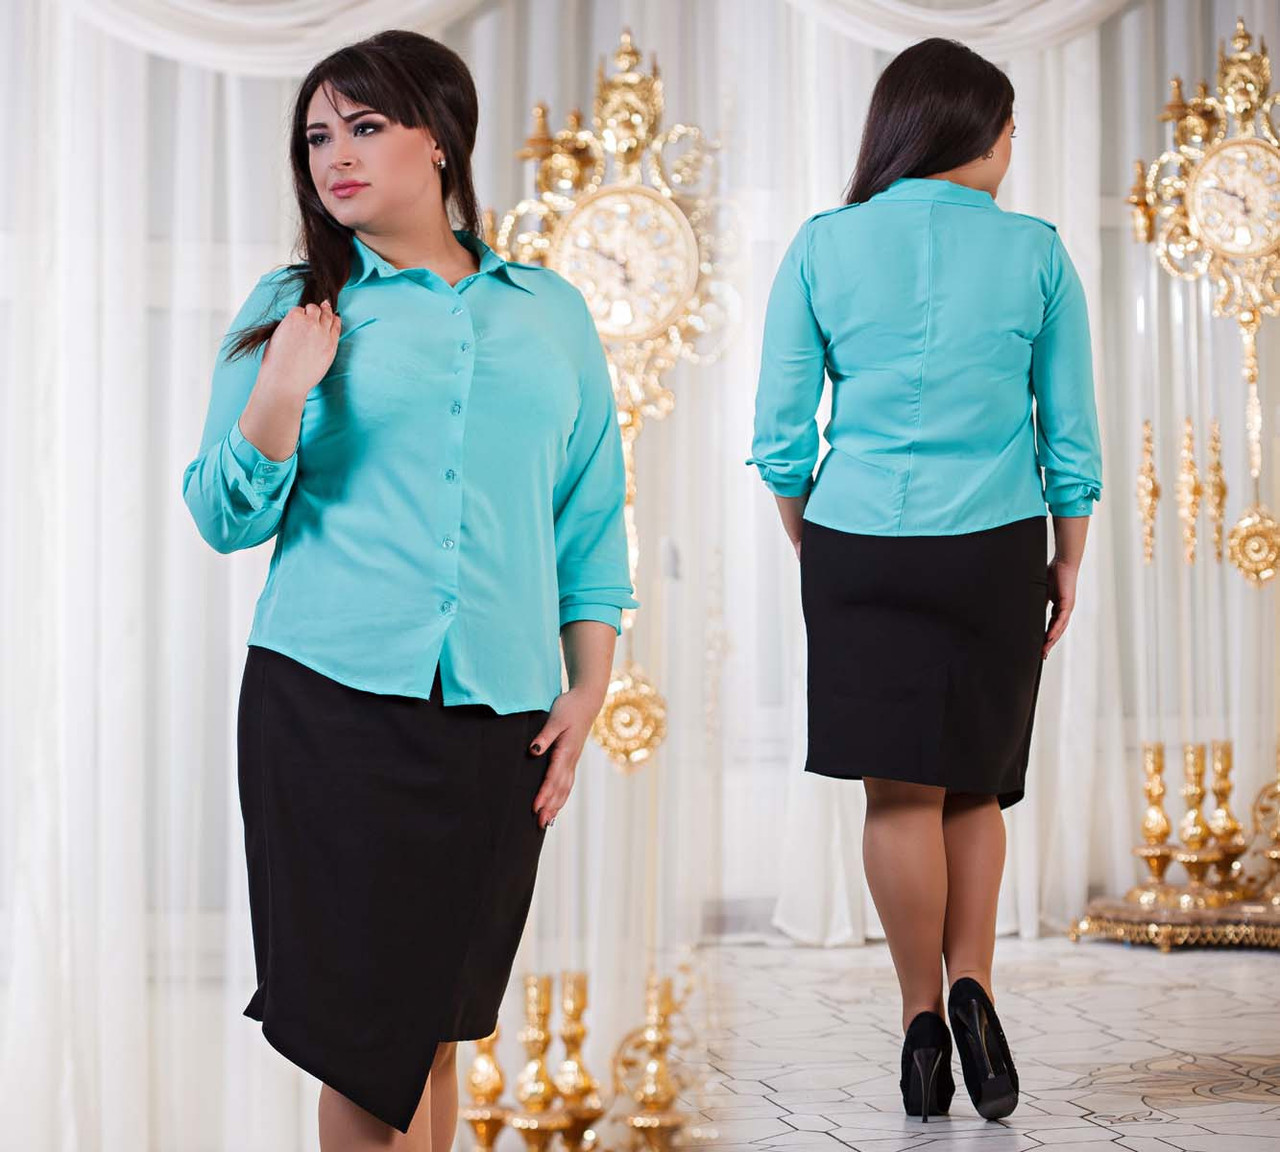 """Элегантная женская рубашка в больших размерах 629-1 """"Погончики"""" в расцветках - """"Пальмира"""" - прямой поставщик модной одежды оптом и в розницу от производителя в Одессе"""